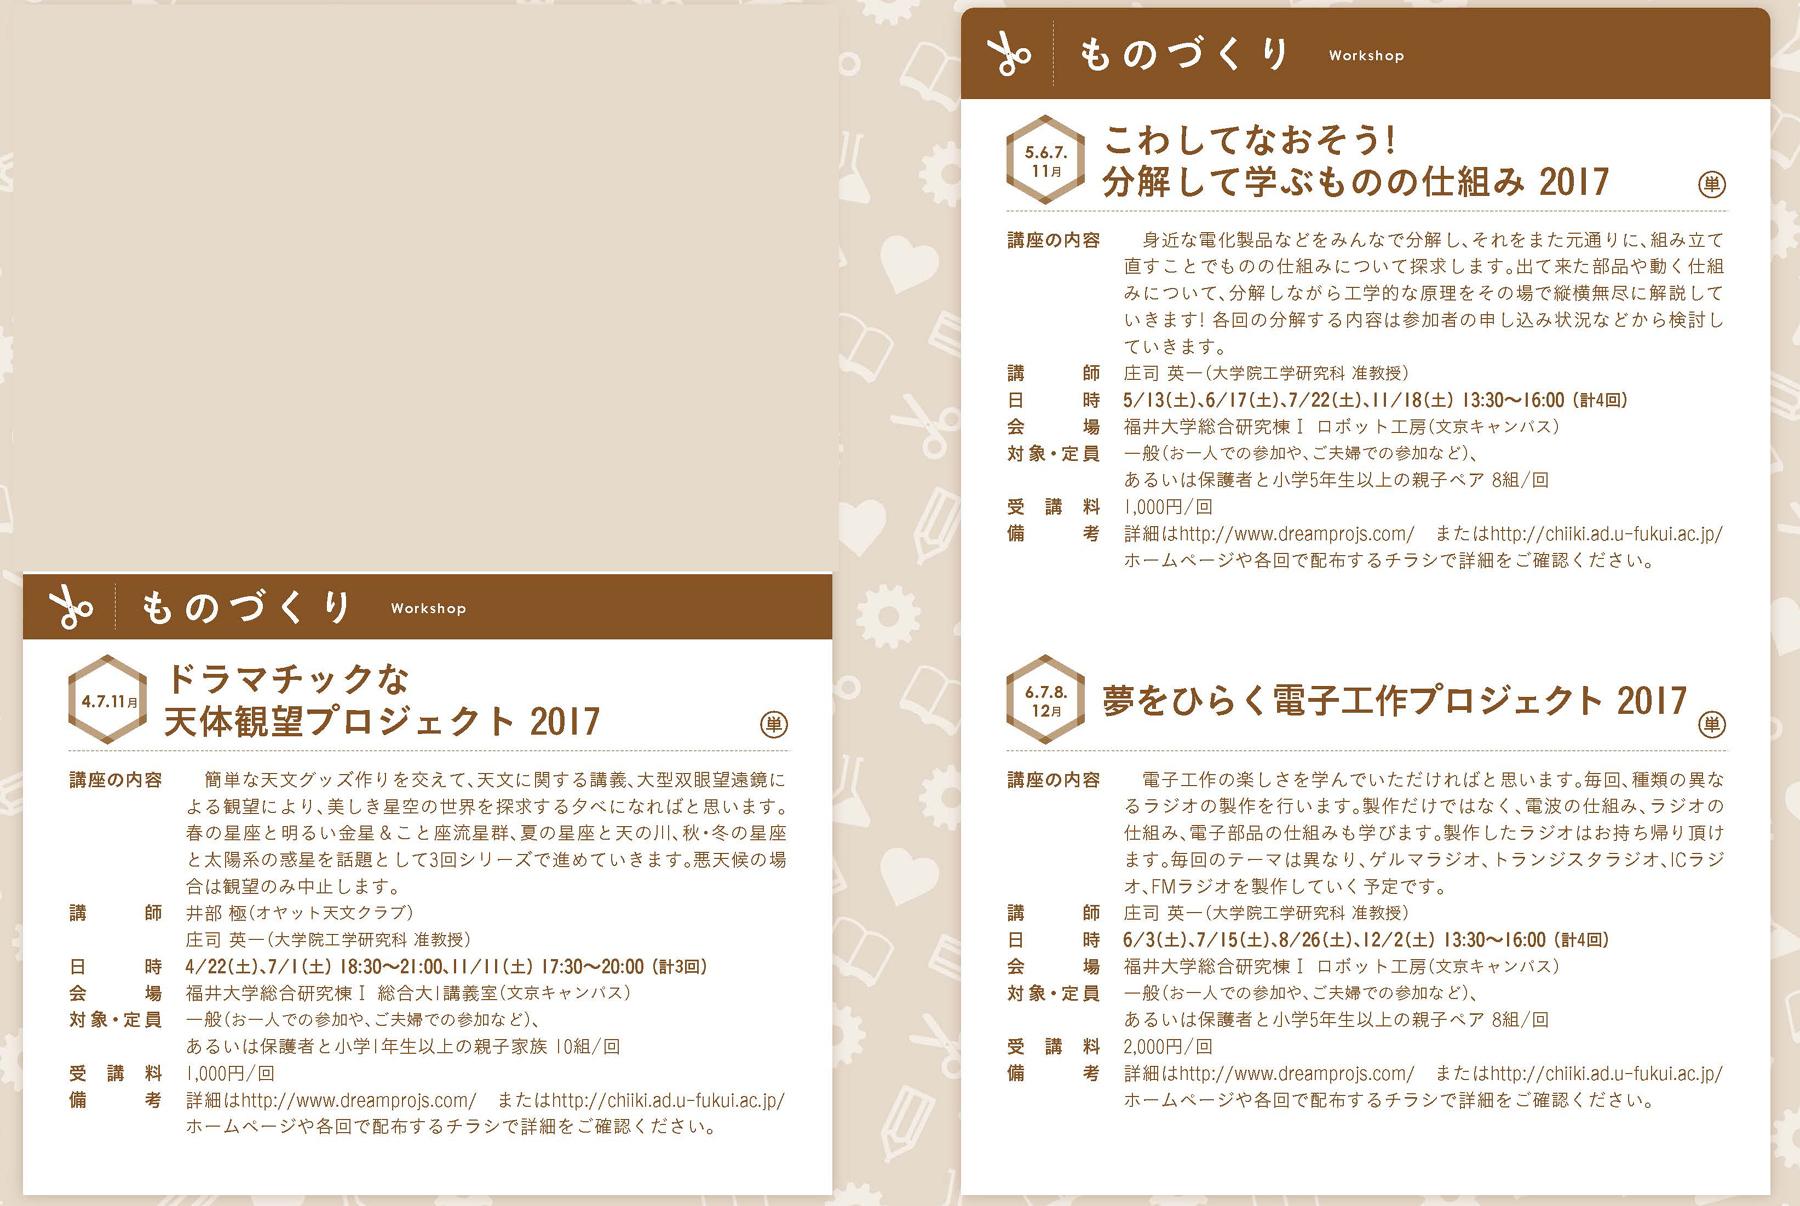 2017kokai_shoji_1800x1.jpg